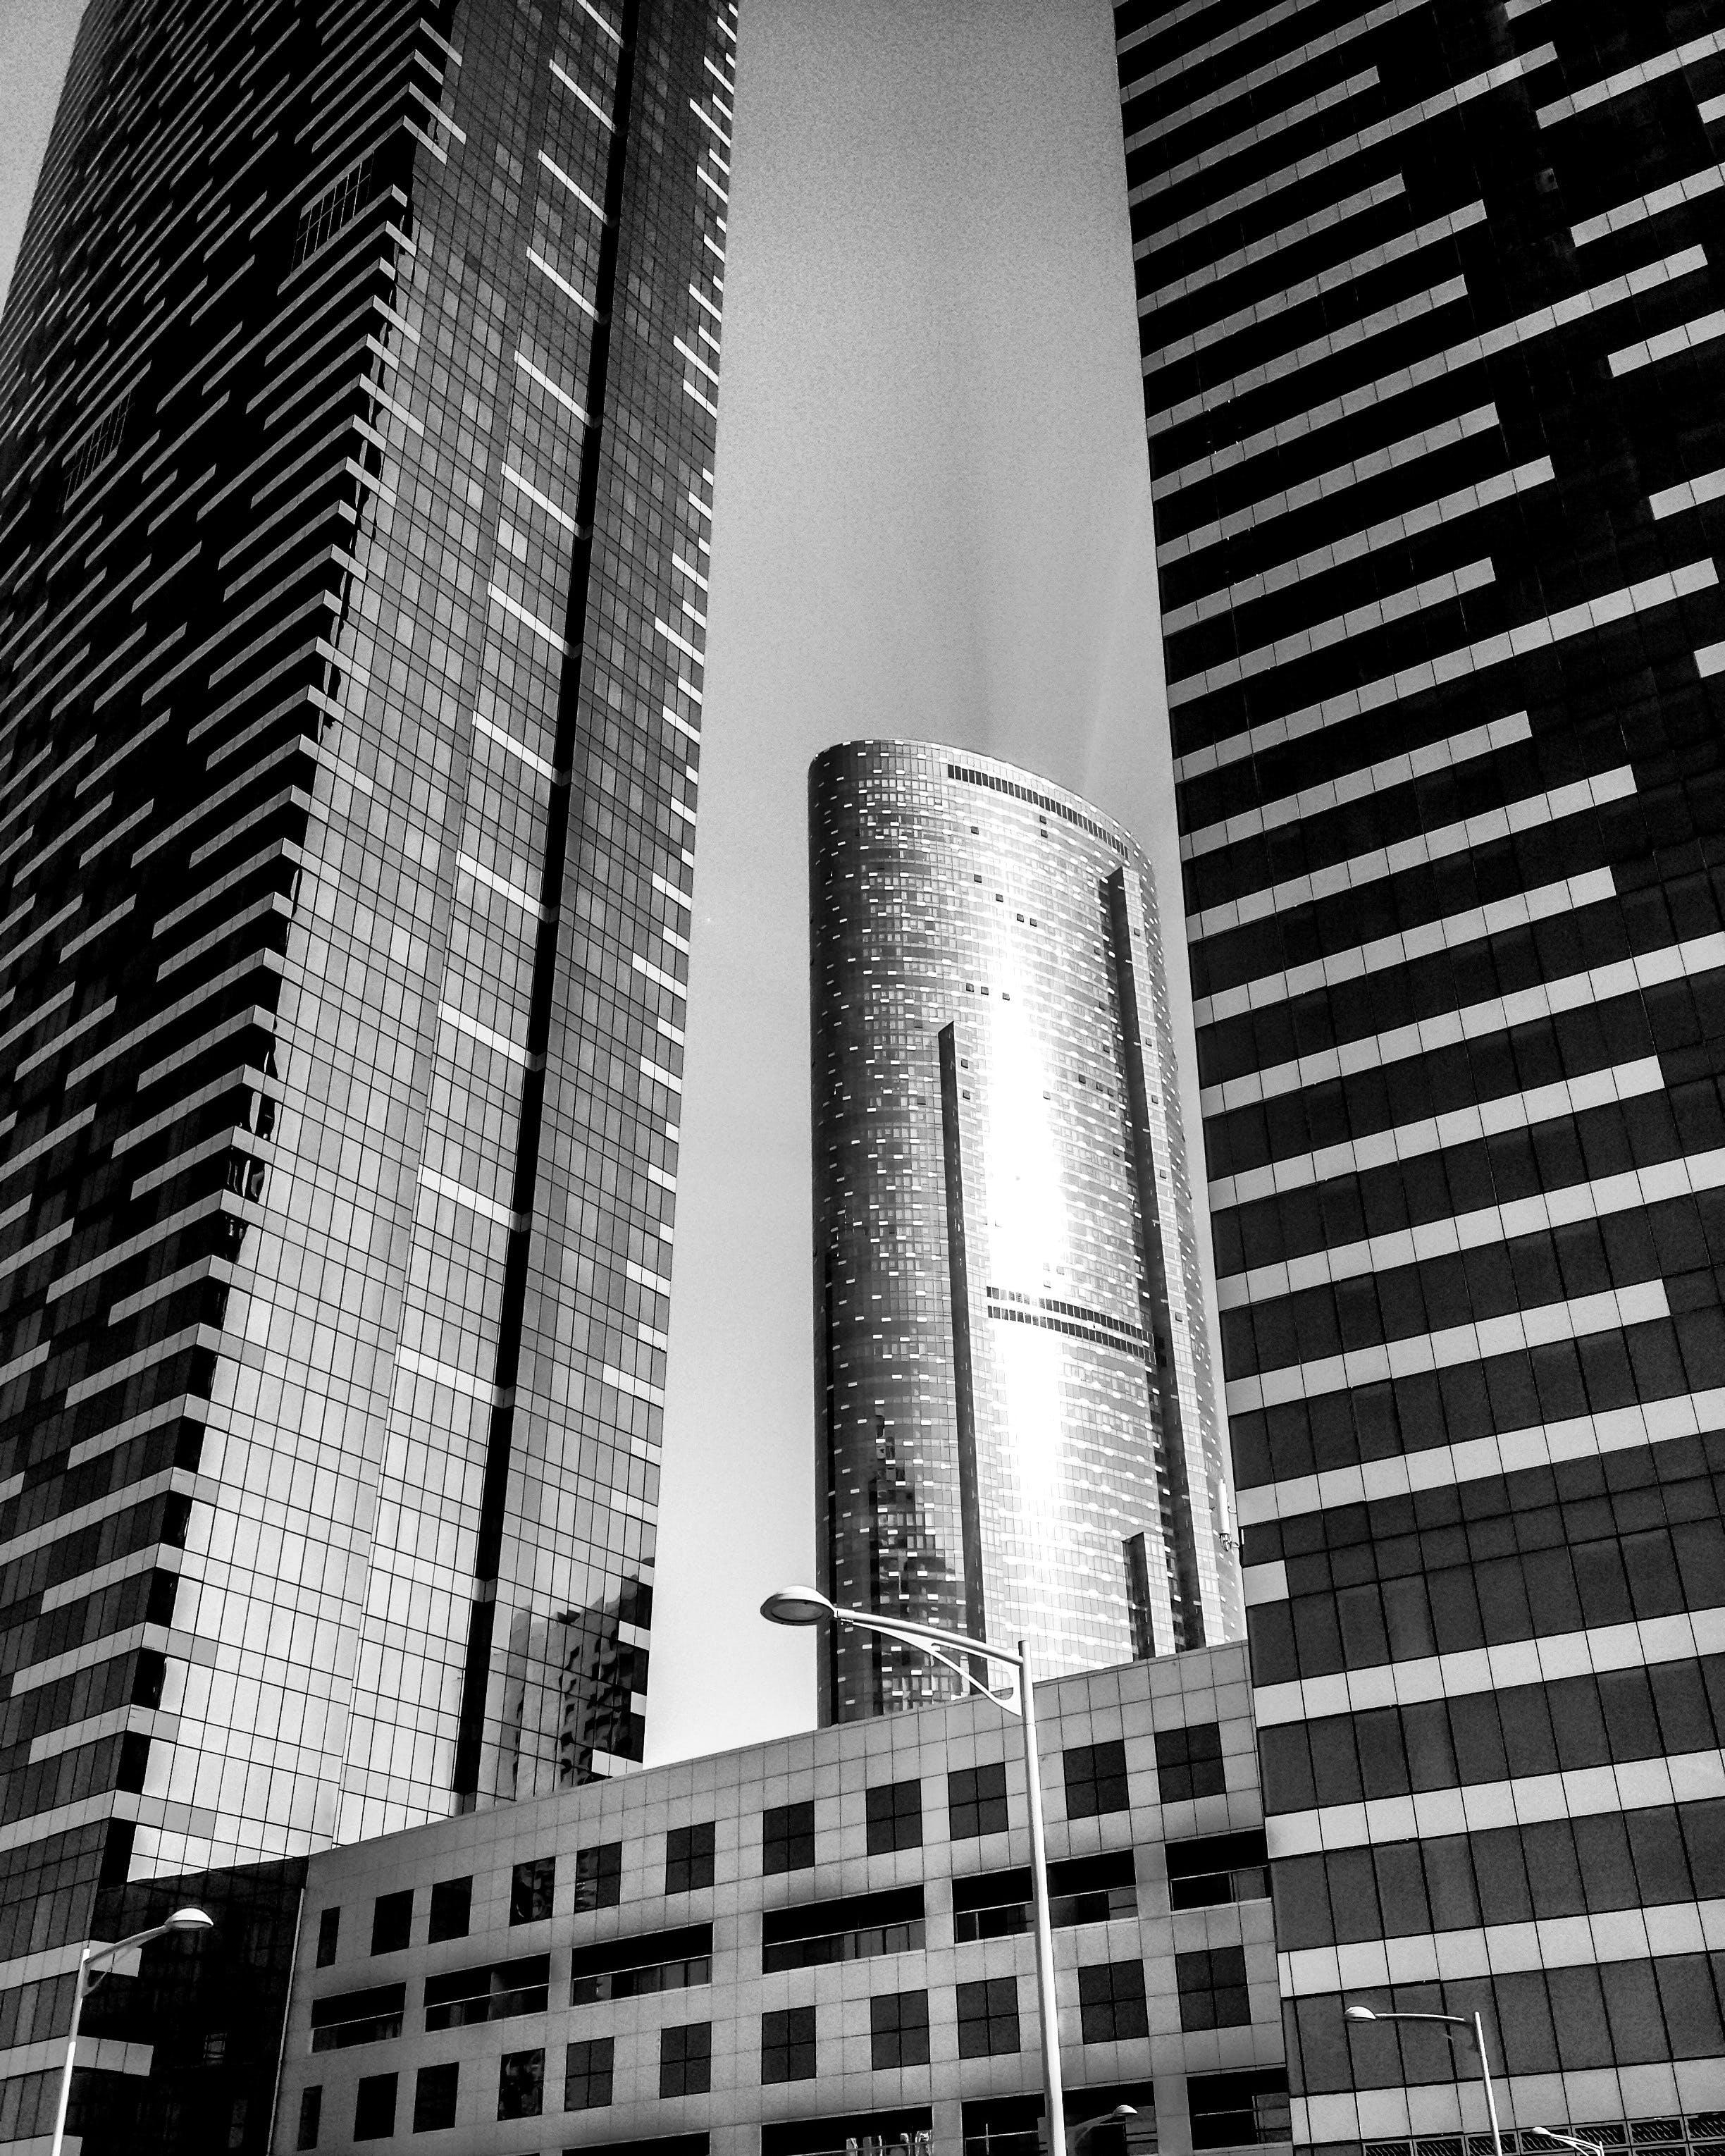 Concrete Buildings Under Clear Sky